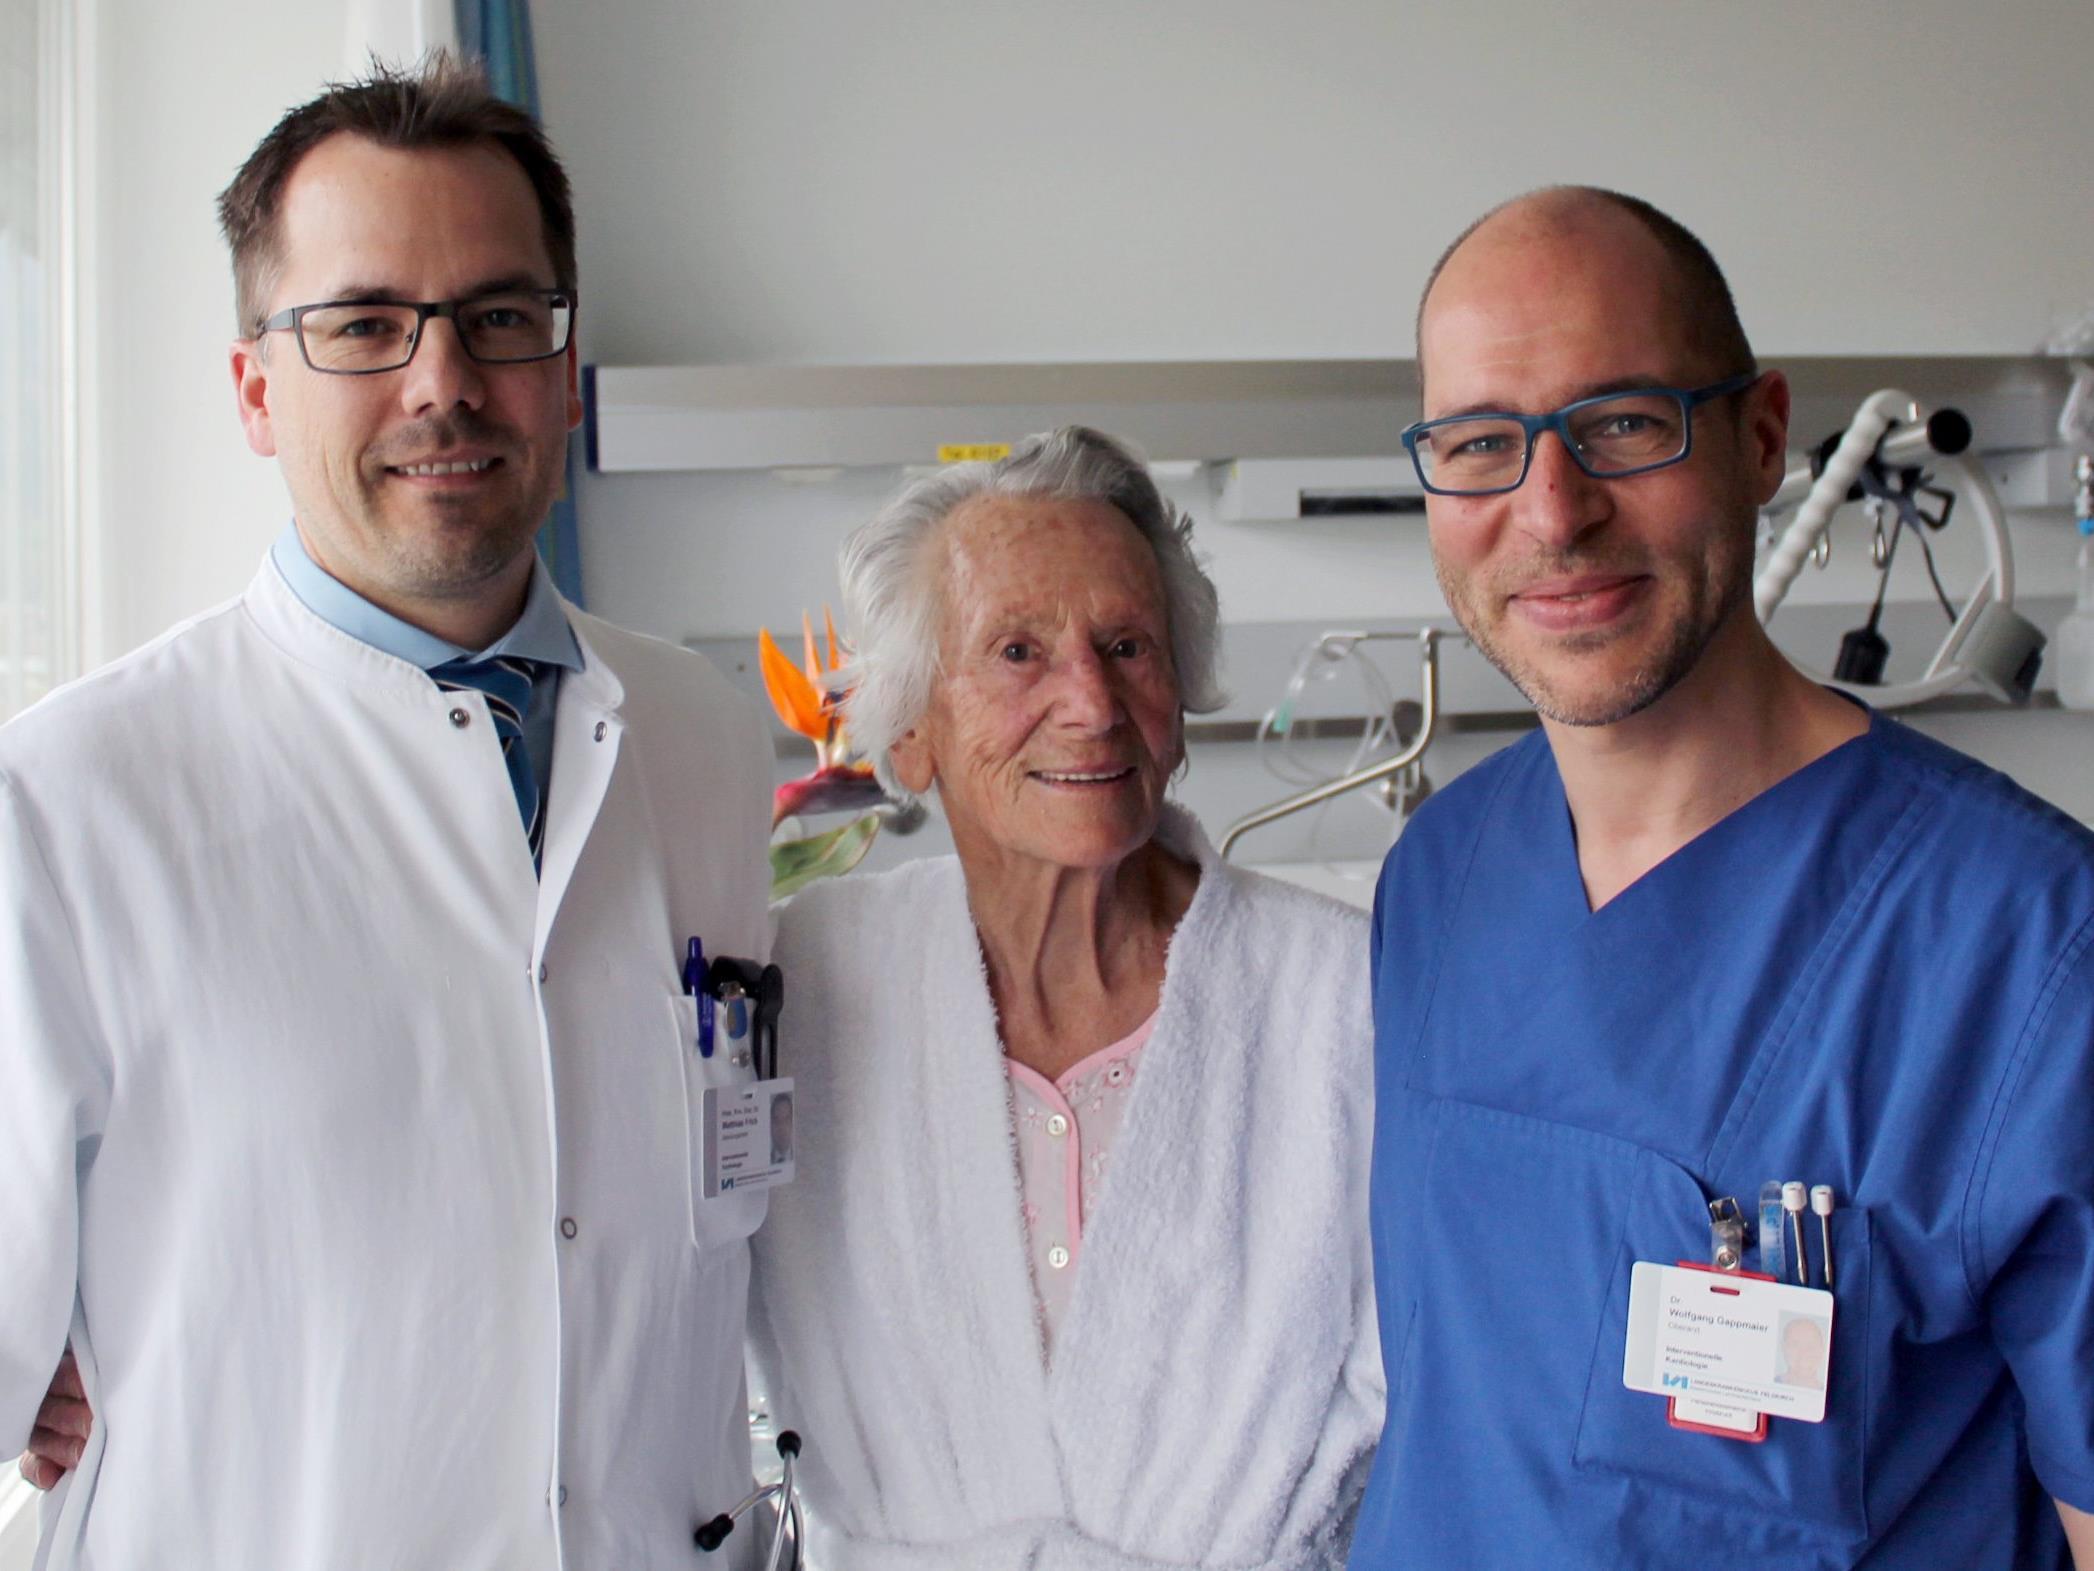 Der 86-jährigen Patientin geht es ausgezeichnet.